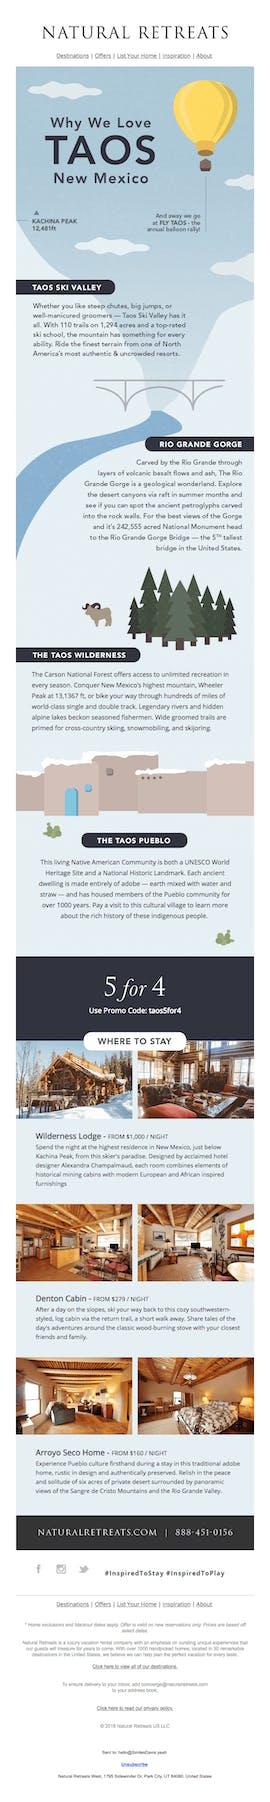 Auch Infografiken können ein belebendes Element für Newsletter-Design sein: Hier das Beispiel des Reiseportals Nature Retreats. (Screenshot: verygoodemails.com)